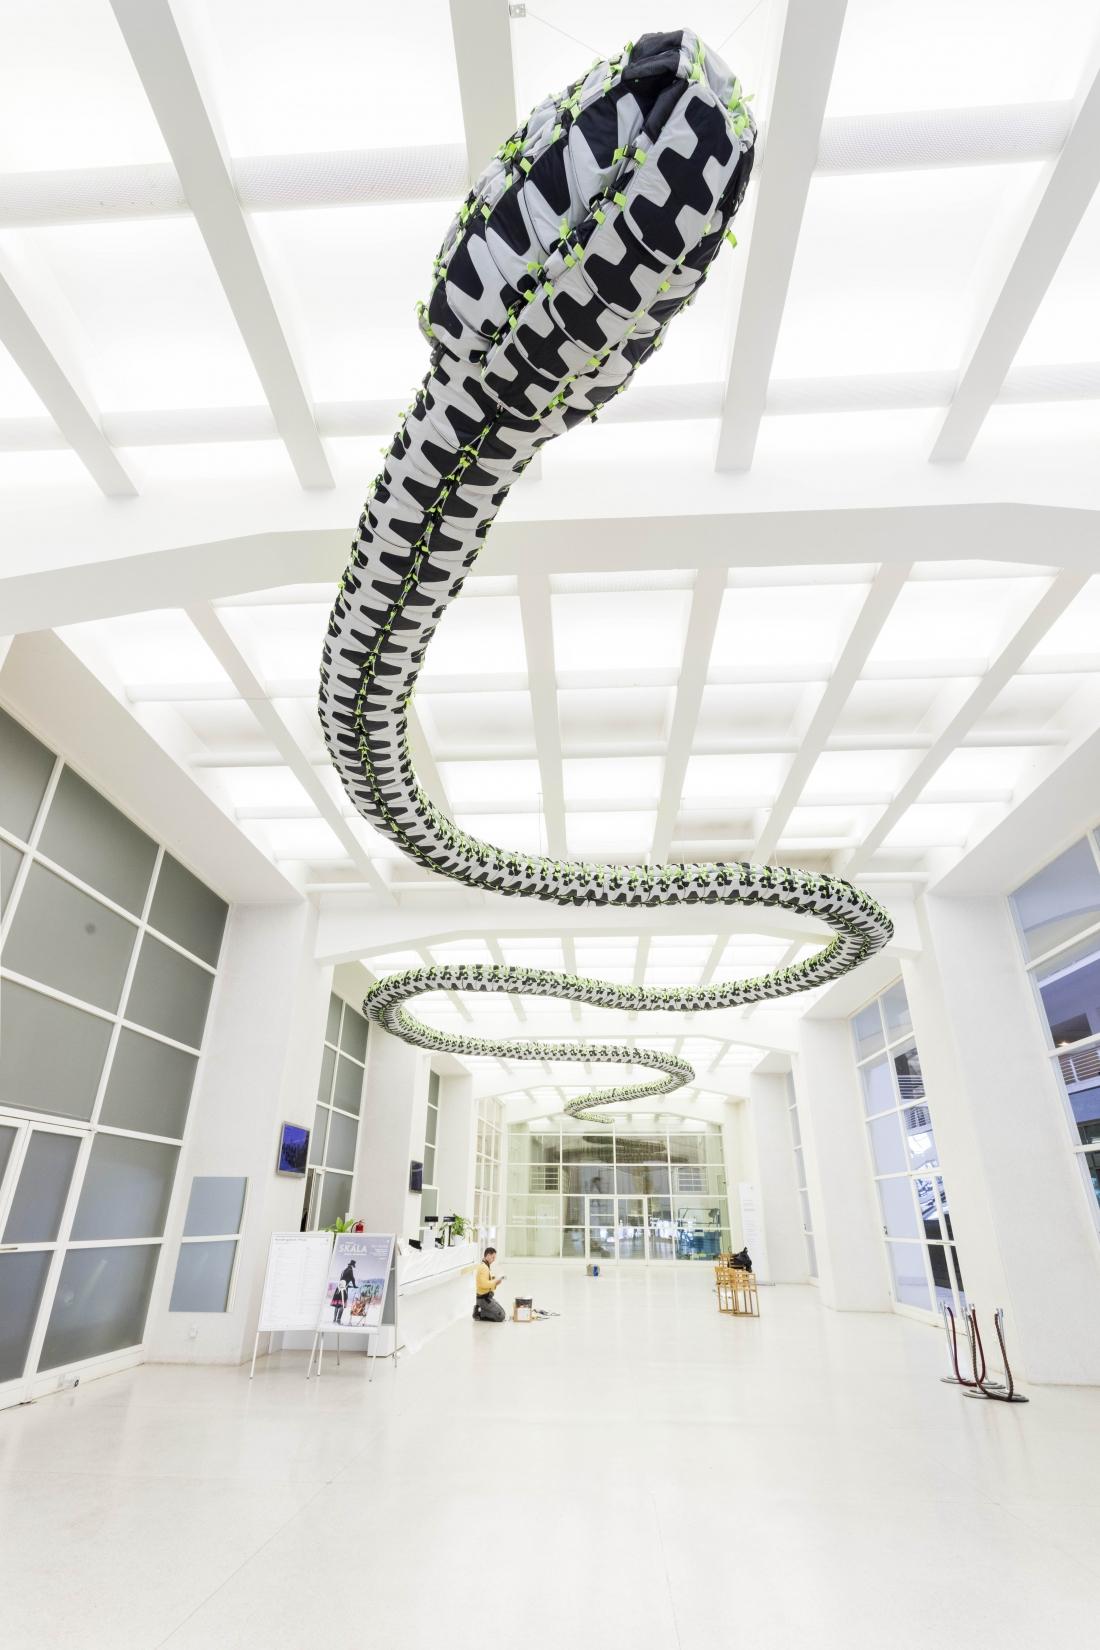 Snake Ceiling, Ai Weiwei